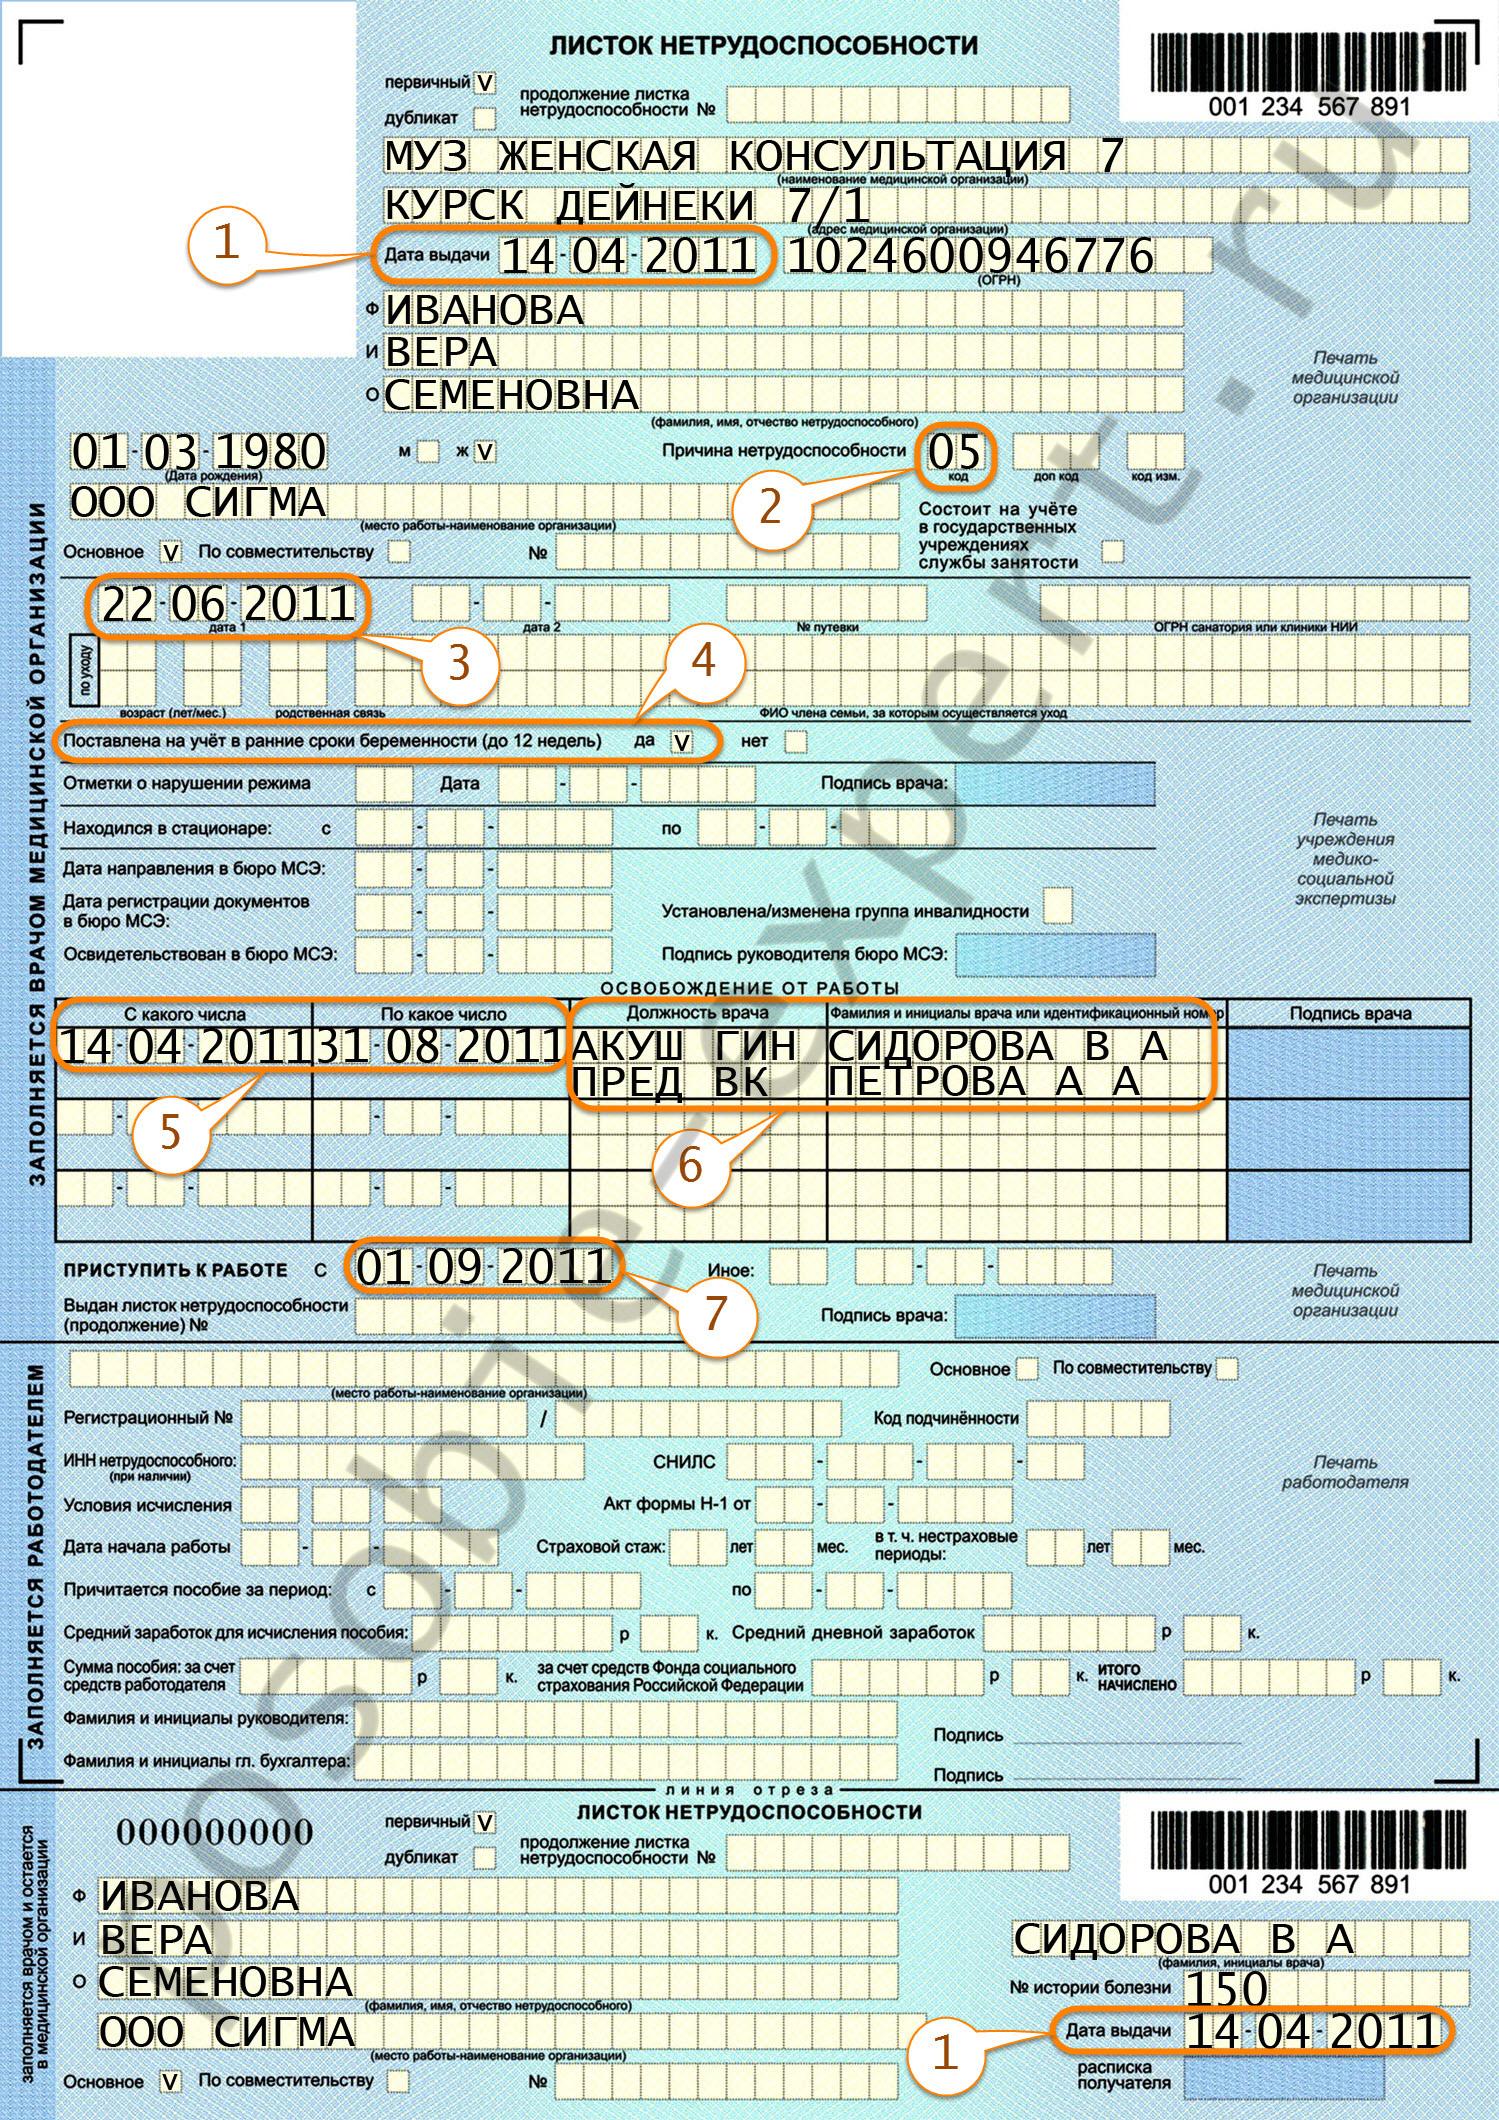 выплаты по беременности и родам в 2013: